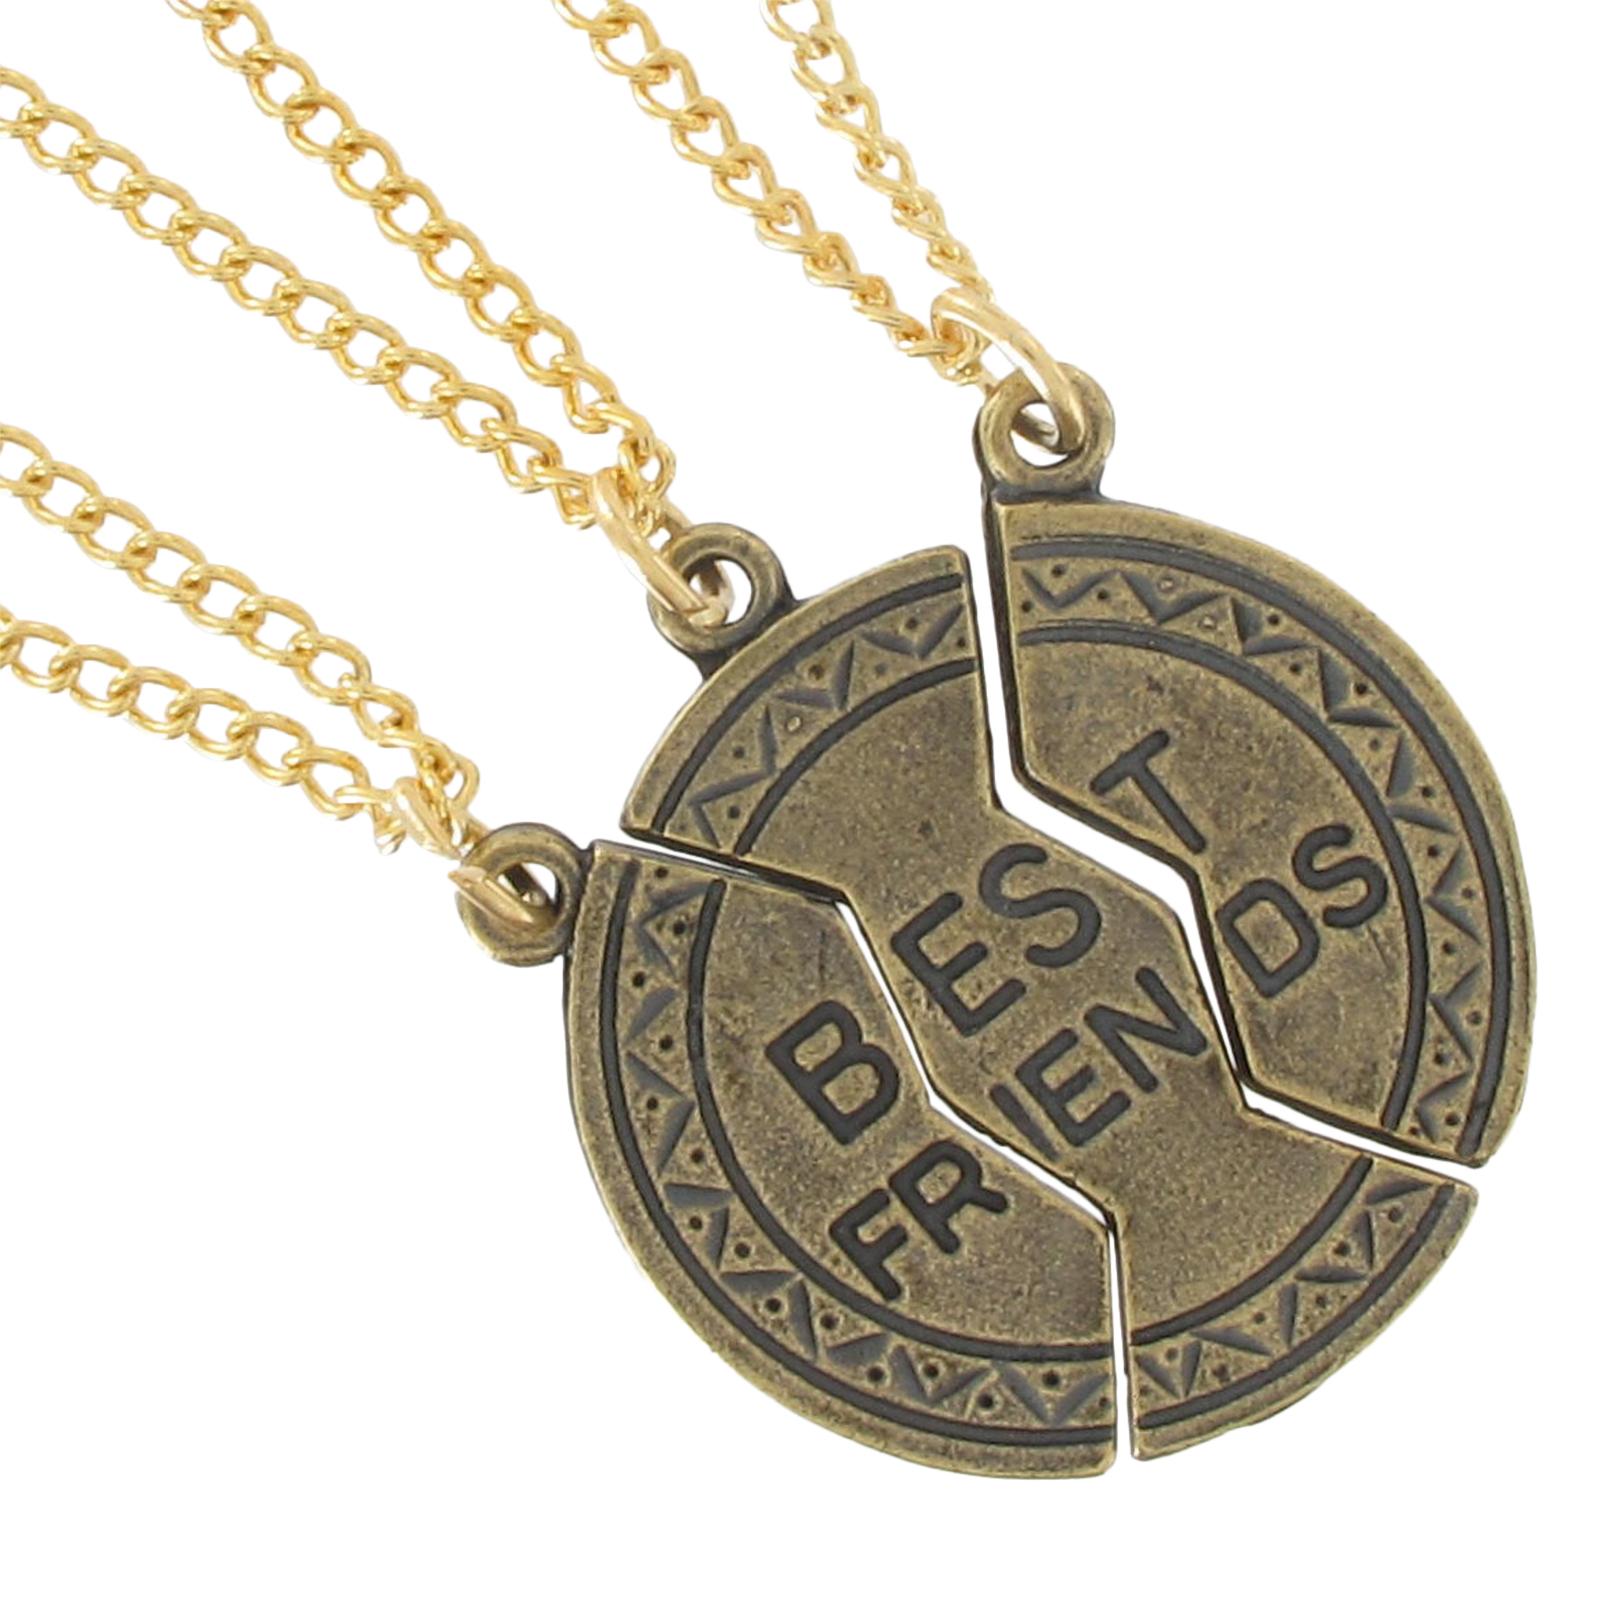 Bestfriends Necklace | 2372-11